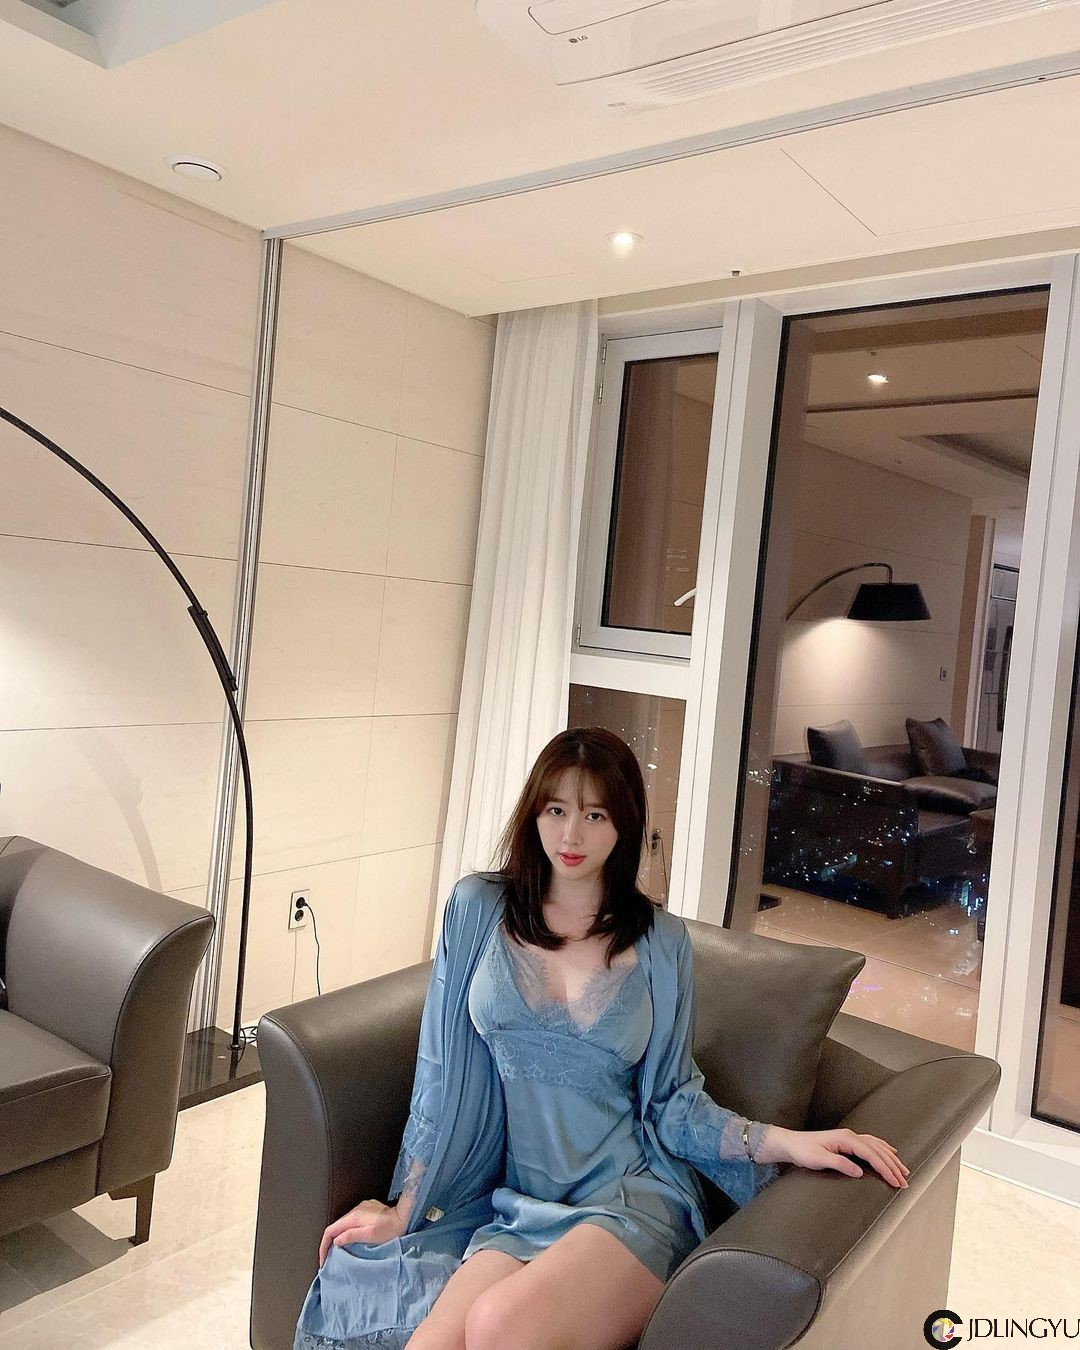 气质正妹[김빛나라]在家做年糕锅,贴身短裙巧露内裤痕,正面爆乳份量让人看了肚子超饿!